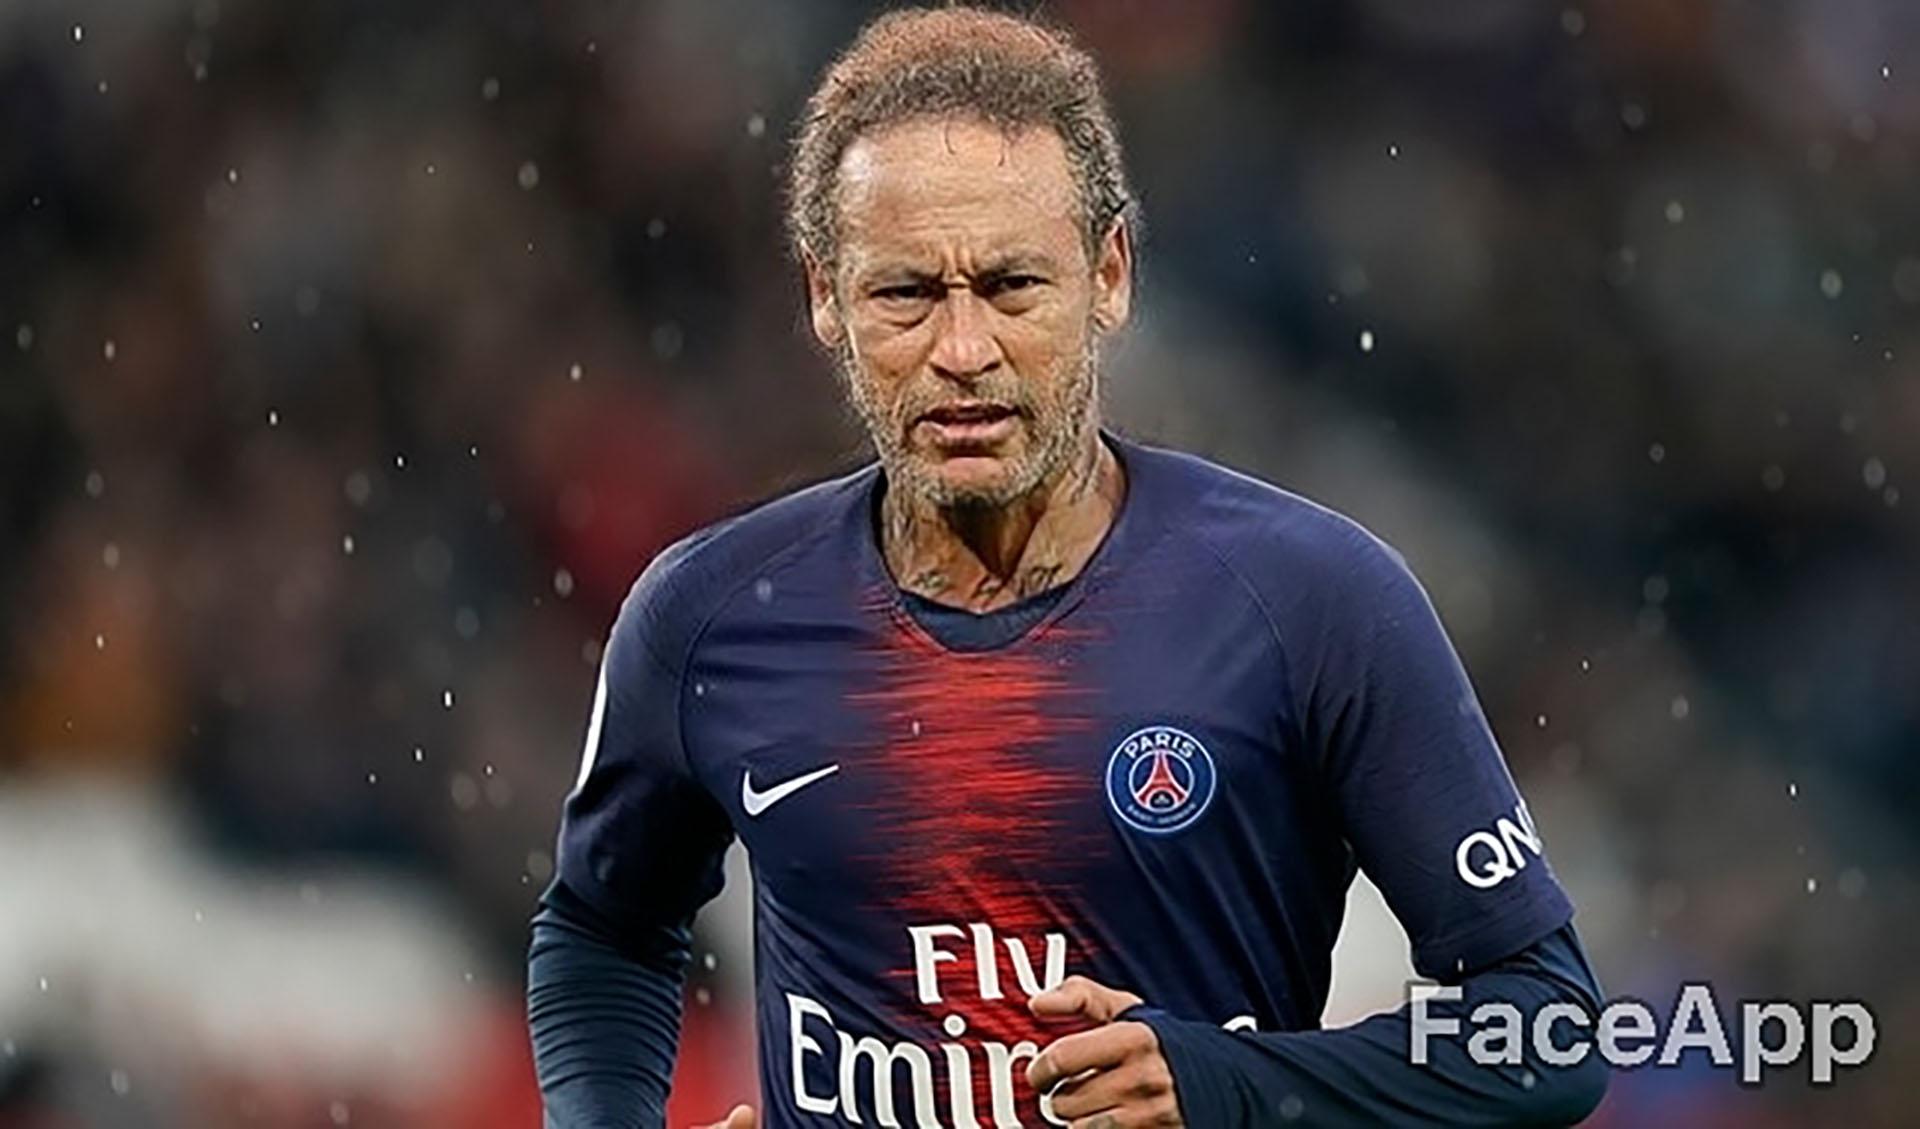 Neymar a los 80 años aún no pudo abandonar el PSG